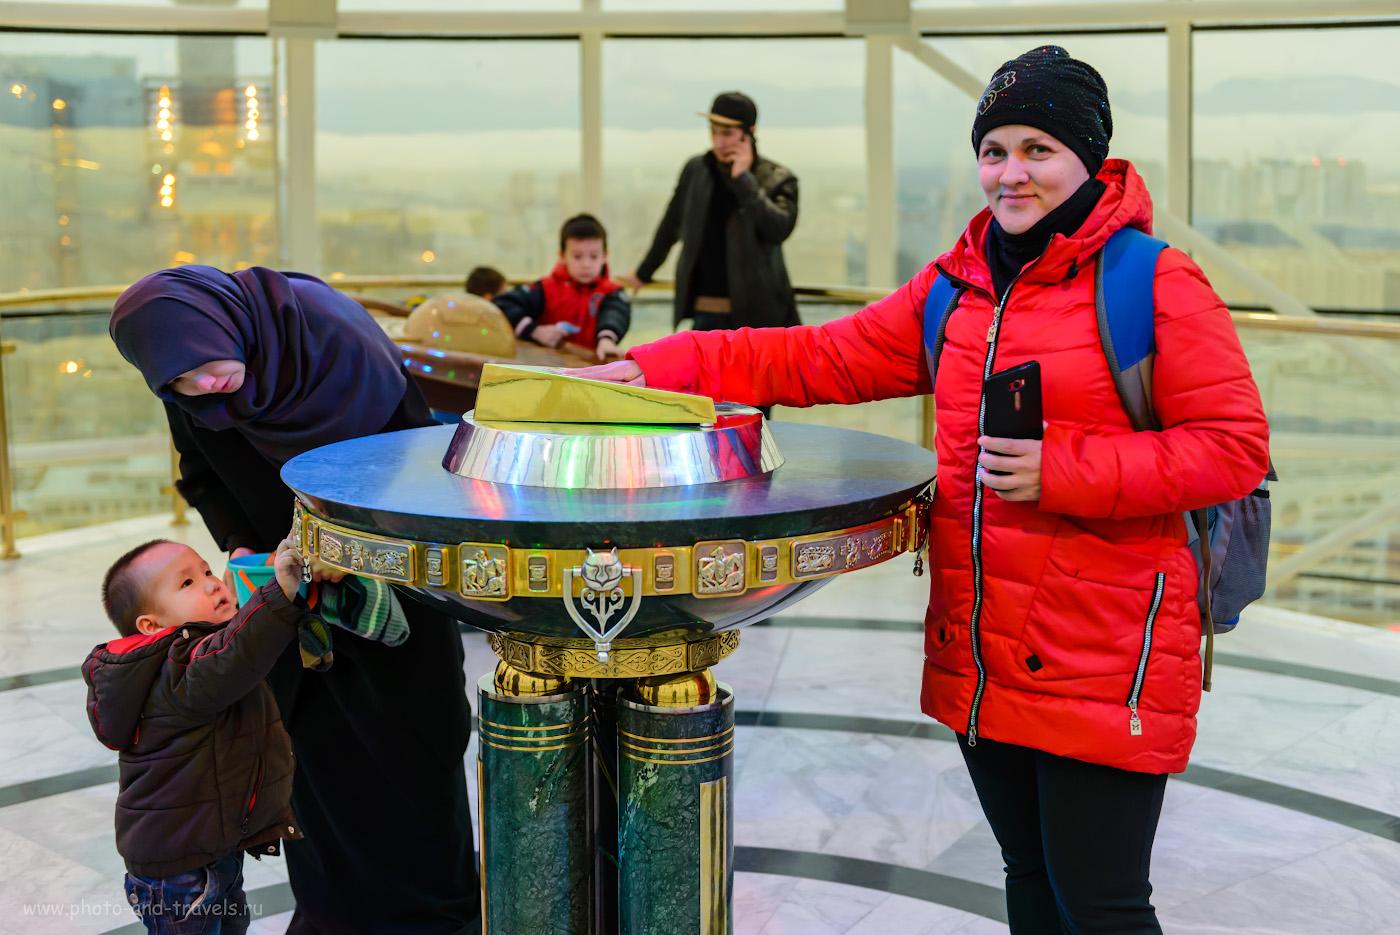 Фото 8. Художественная композиция «Аялы-Алакан» в центре шара монумента «Байтерек» в Астане. Что можно посмотреть за полдня во время пересадки в Казахстане. 1/100, +0.33, 2.8, 1600, 45.